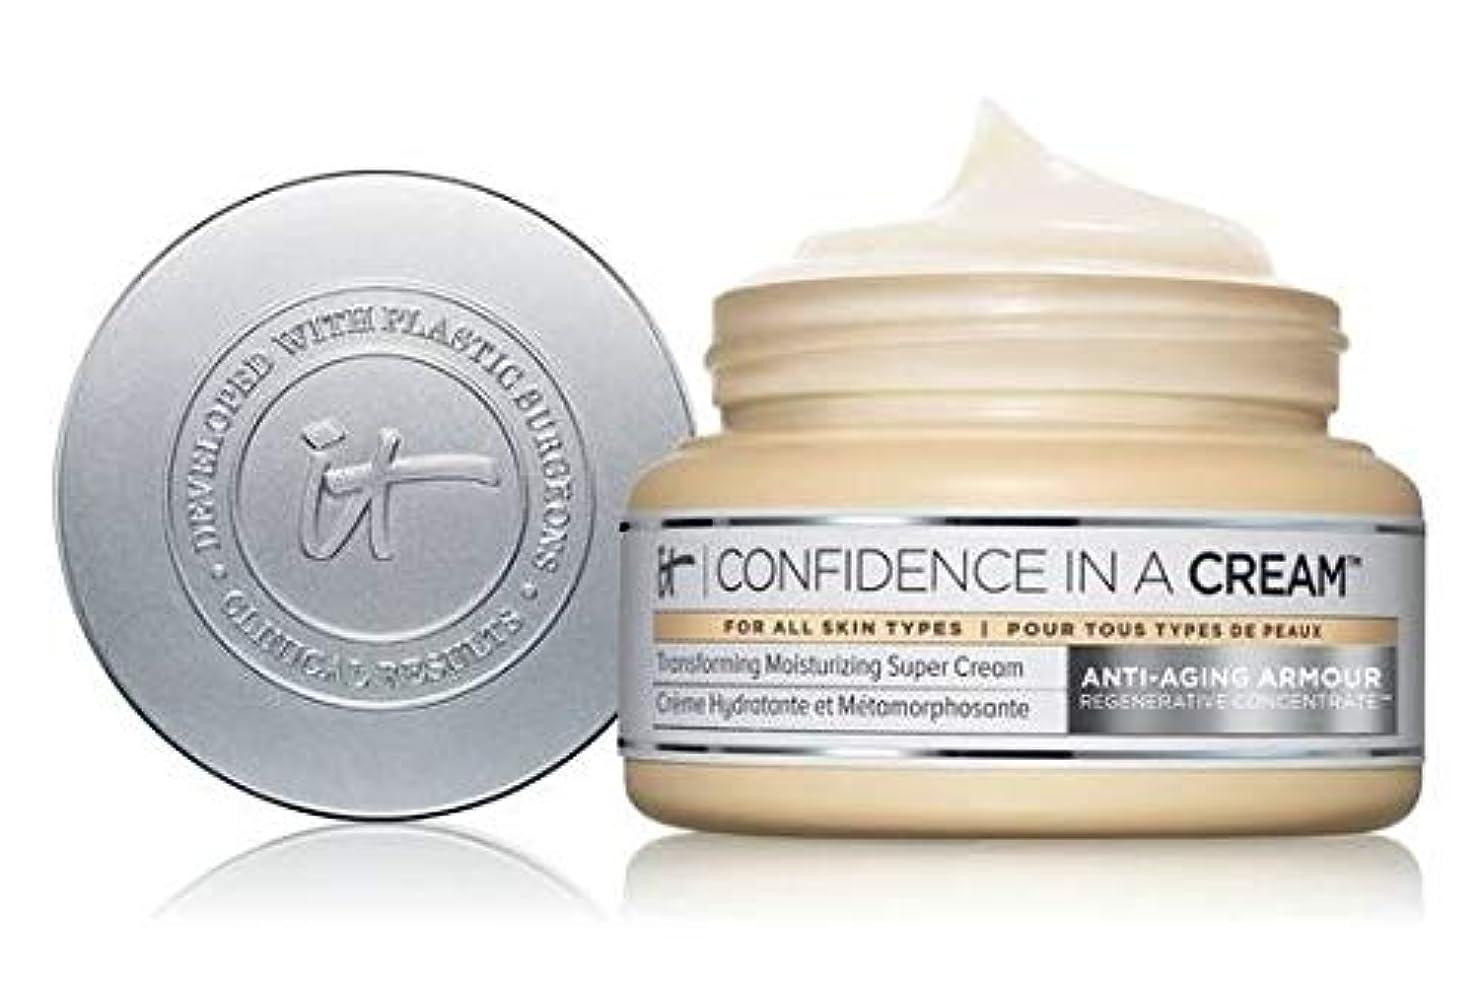 ファウルメイト火曜日It Cosmetics Confidence in a Cream Moisturizer 2 Ouncesクリームモイスチャライザー